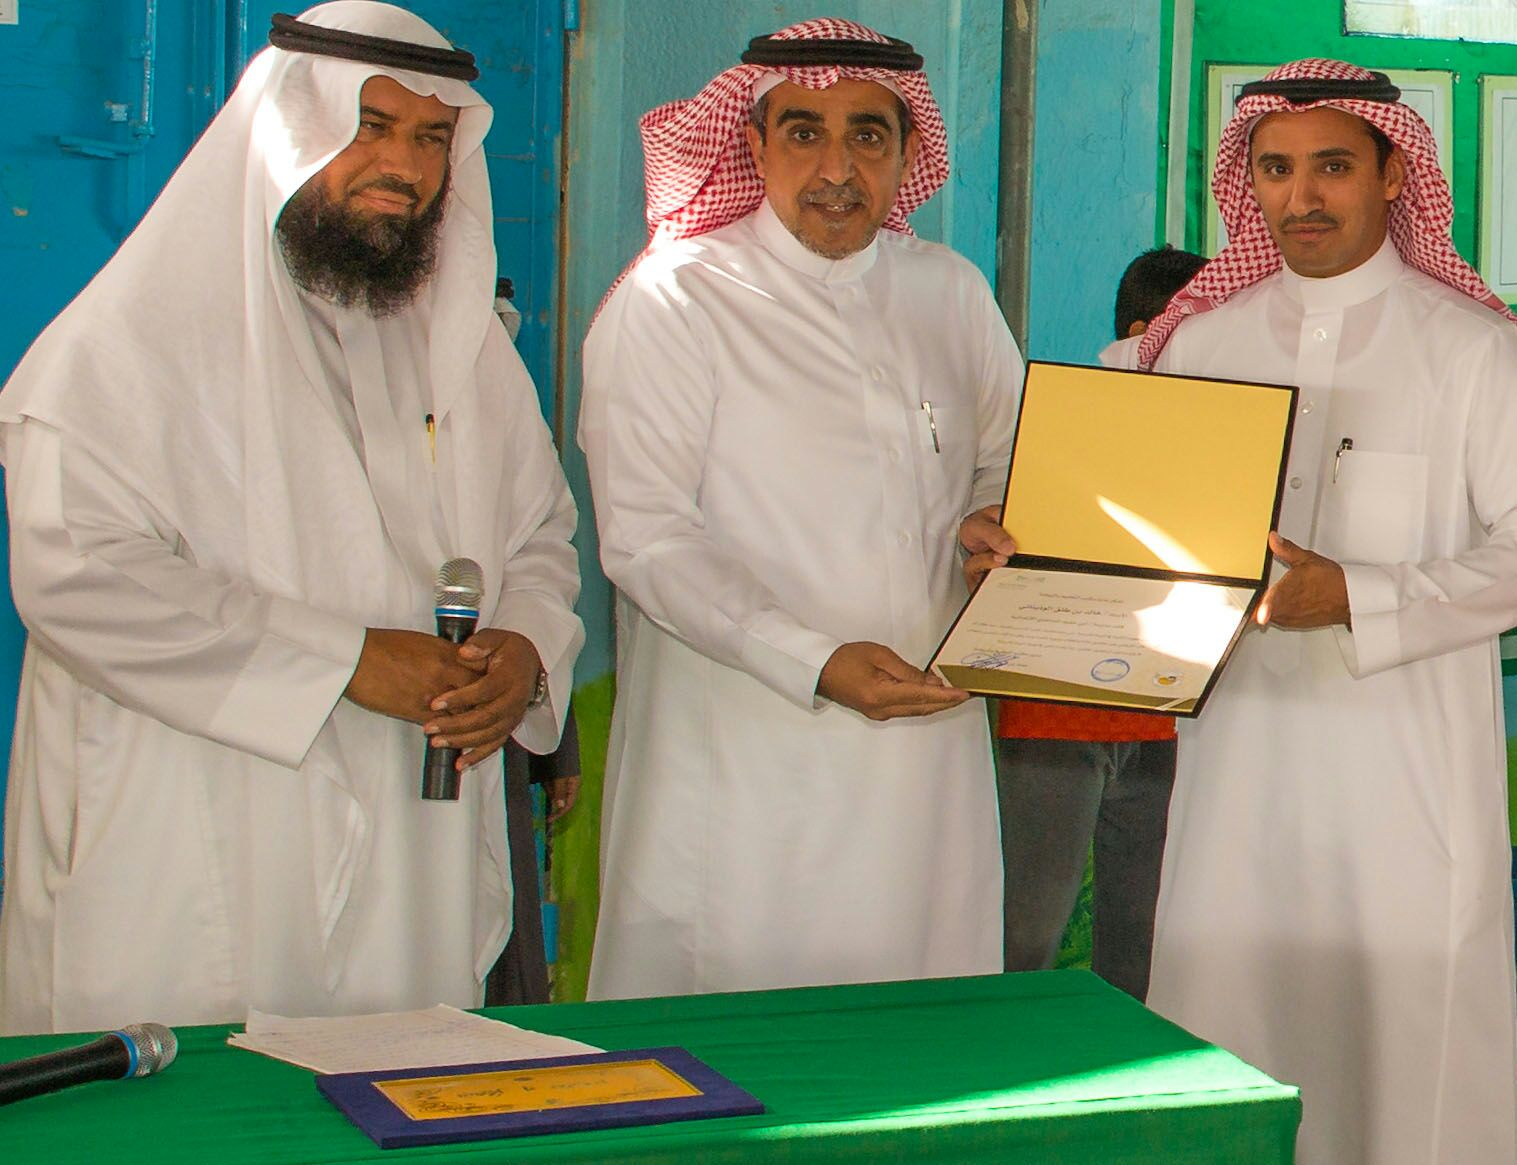 قائد مدرسة خالد الوذيناني يحول مبني مدرسة قديم الي واحة جاذبة للطلاب (4)